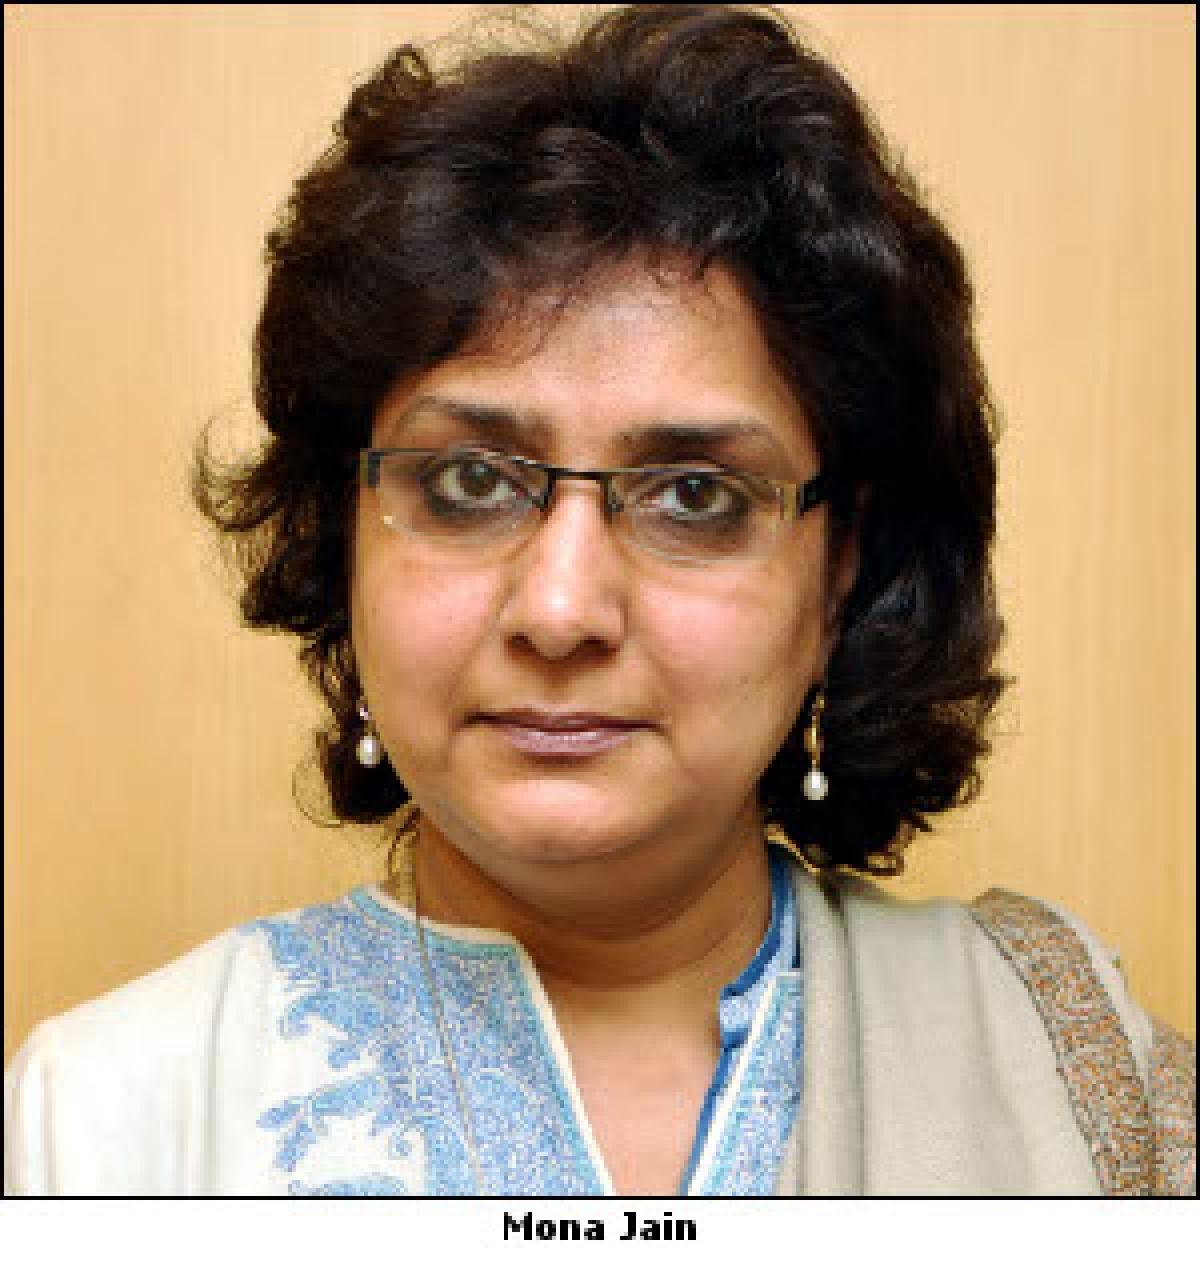 Mona Jain decides to move on from Vivaki Exchange